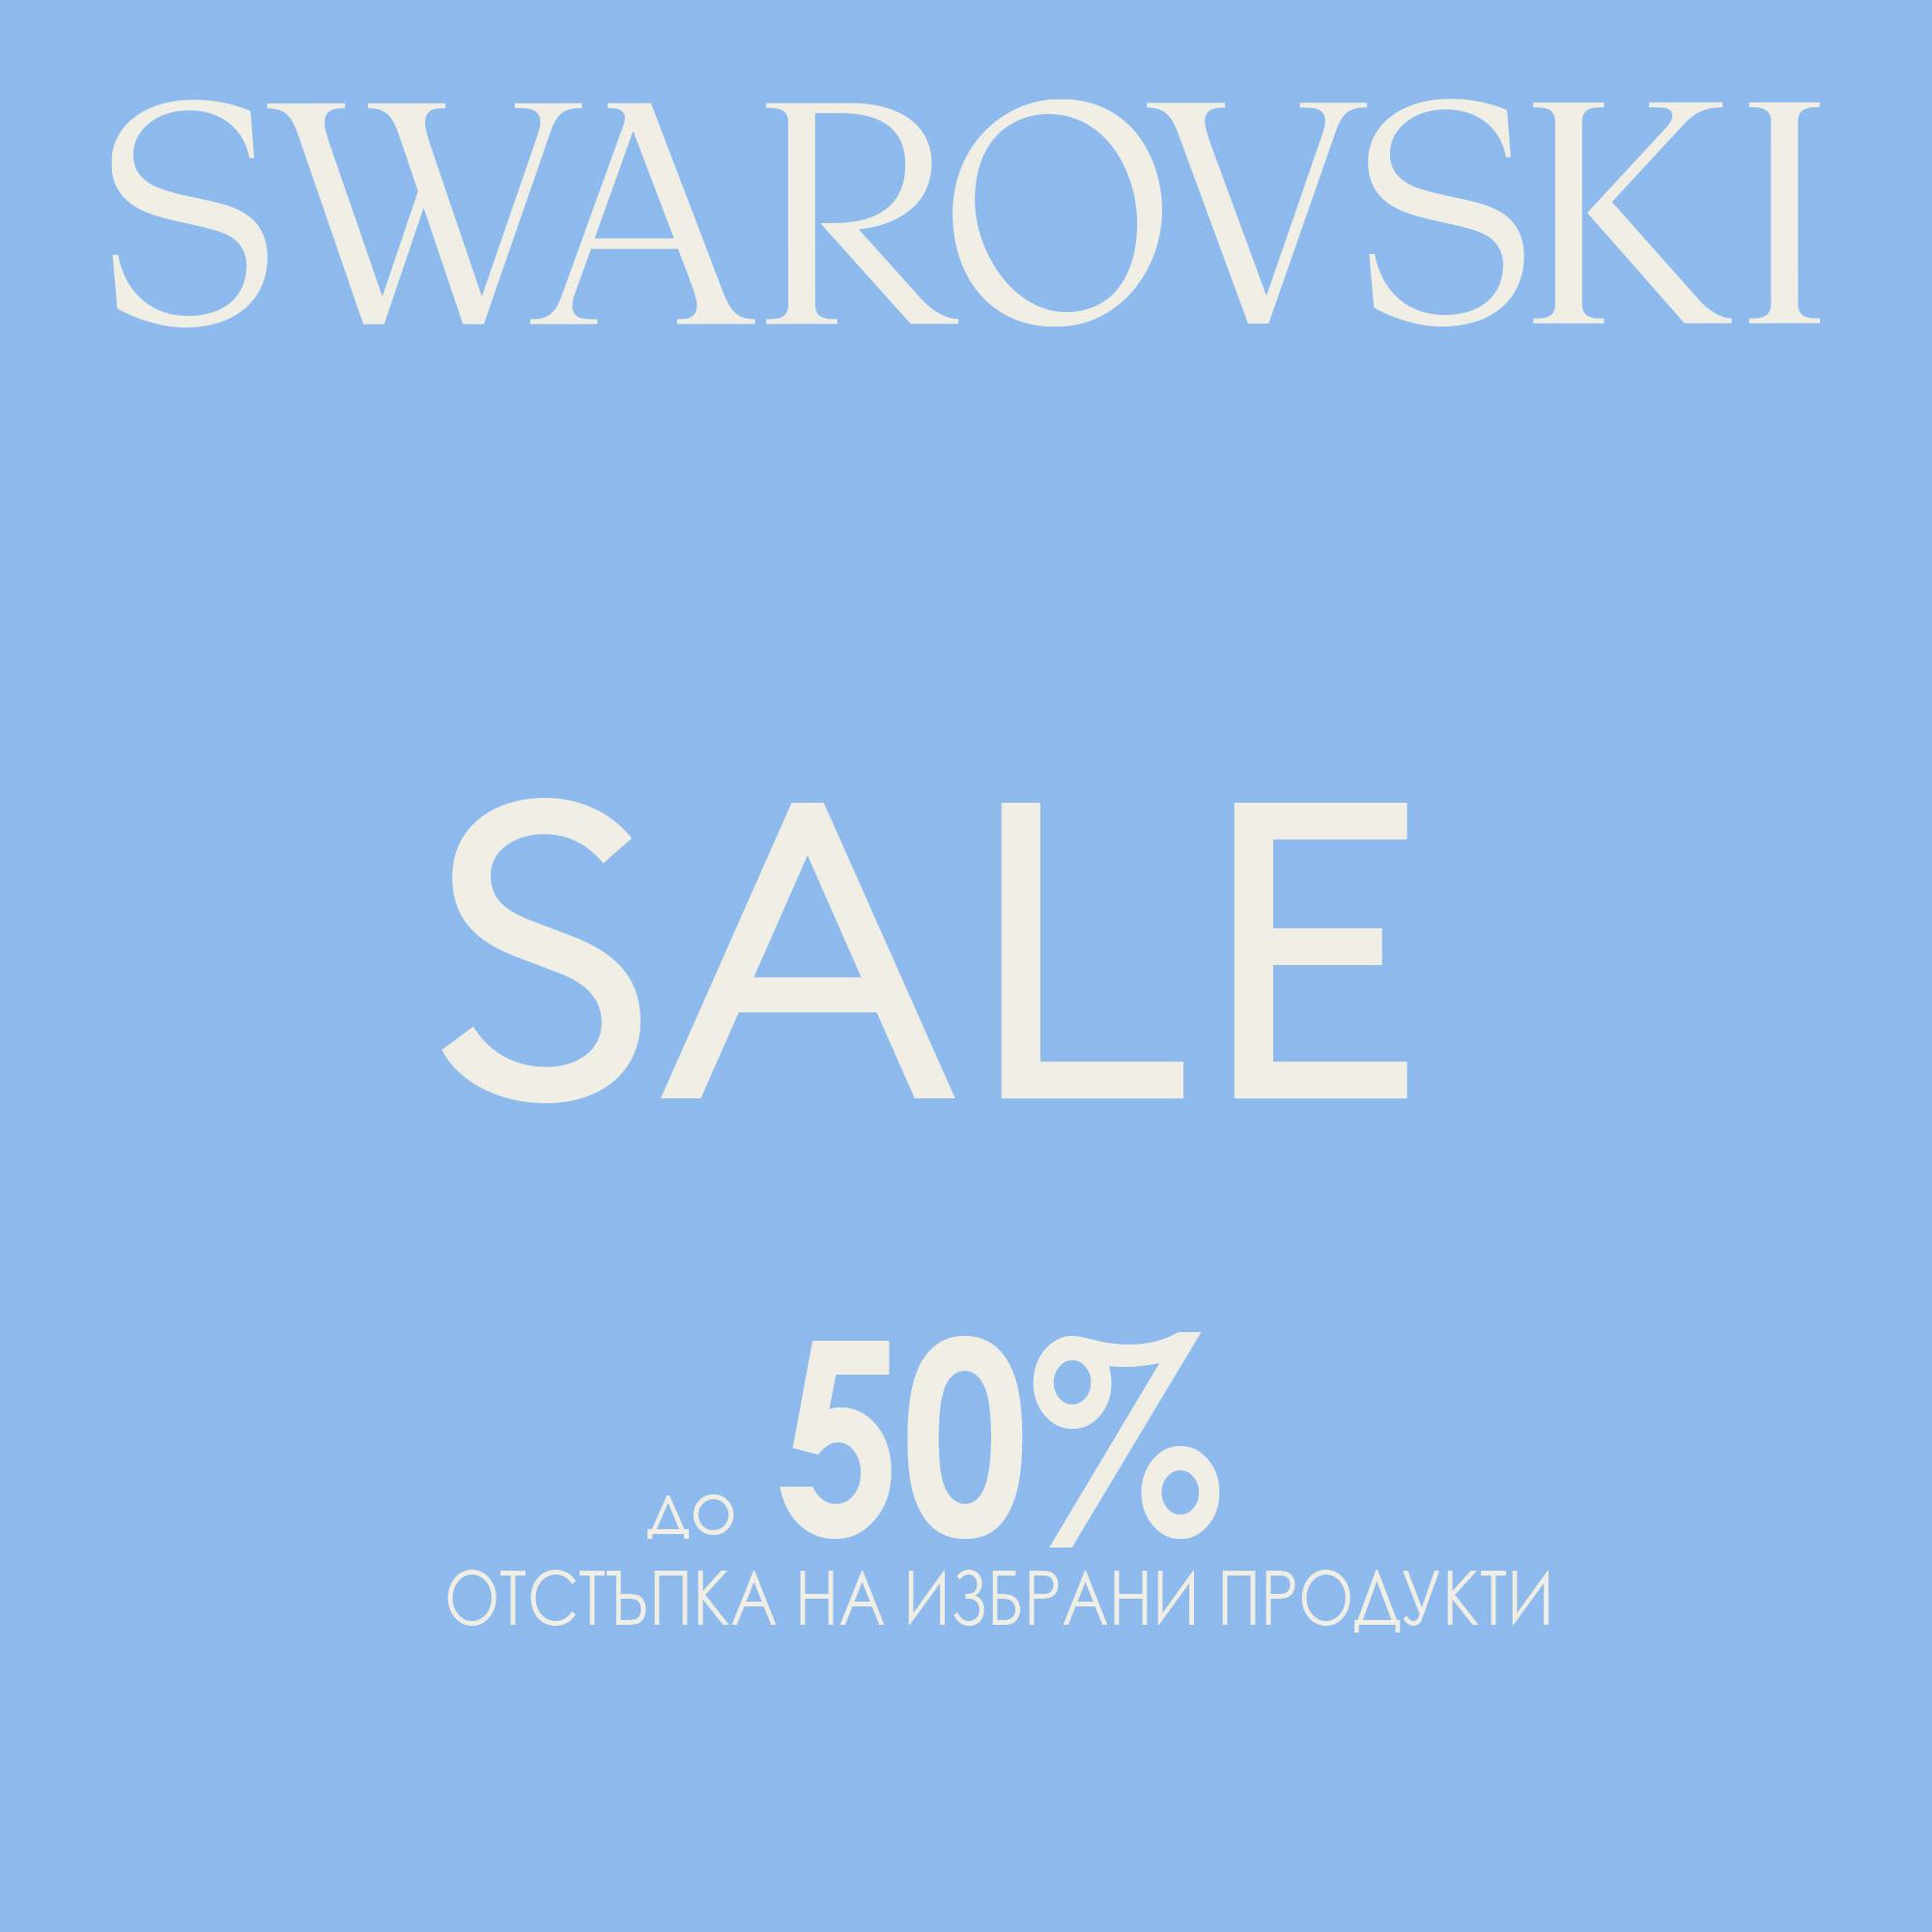 Сезонно намаление в SWAROVSKI